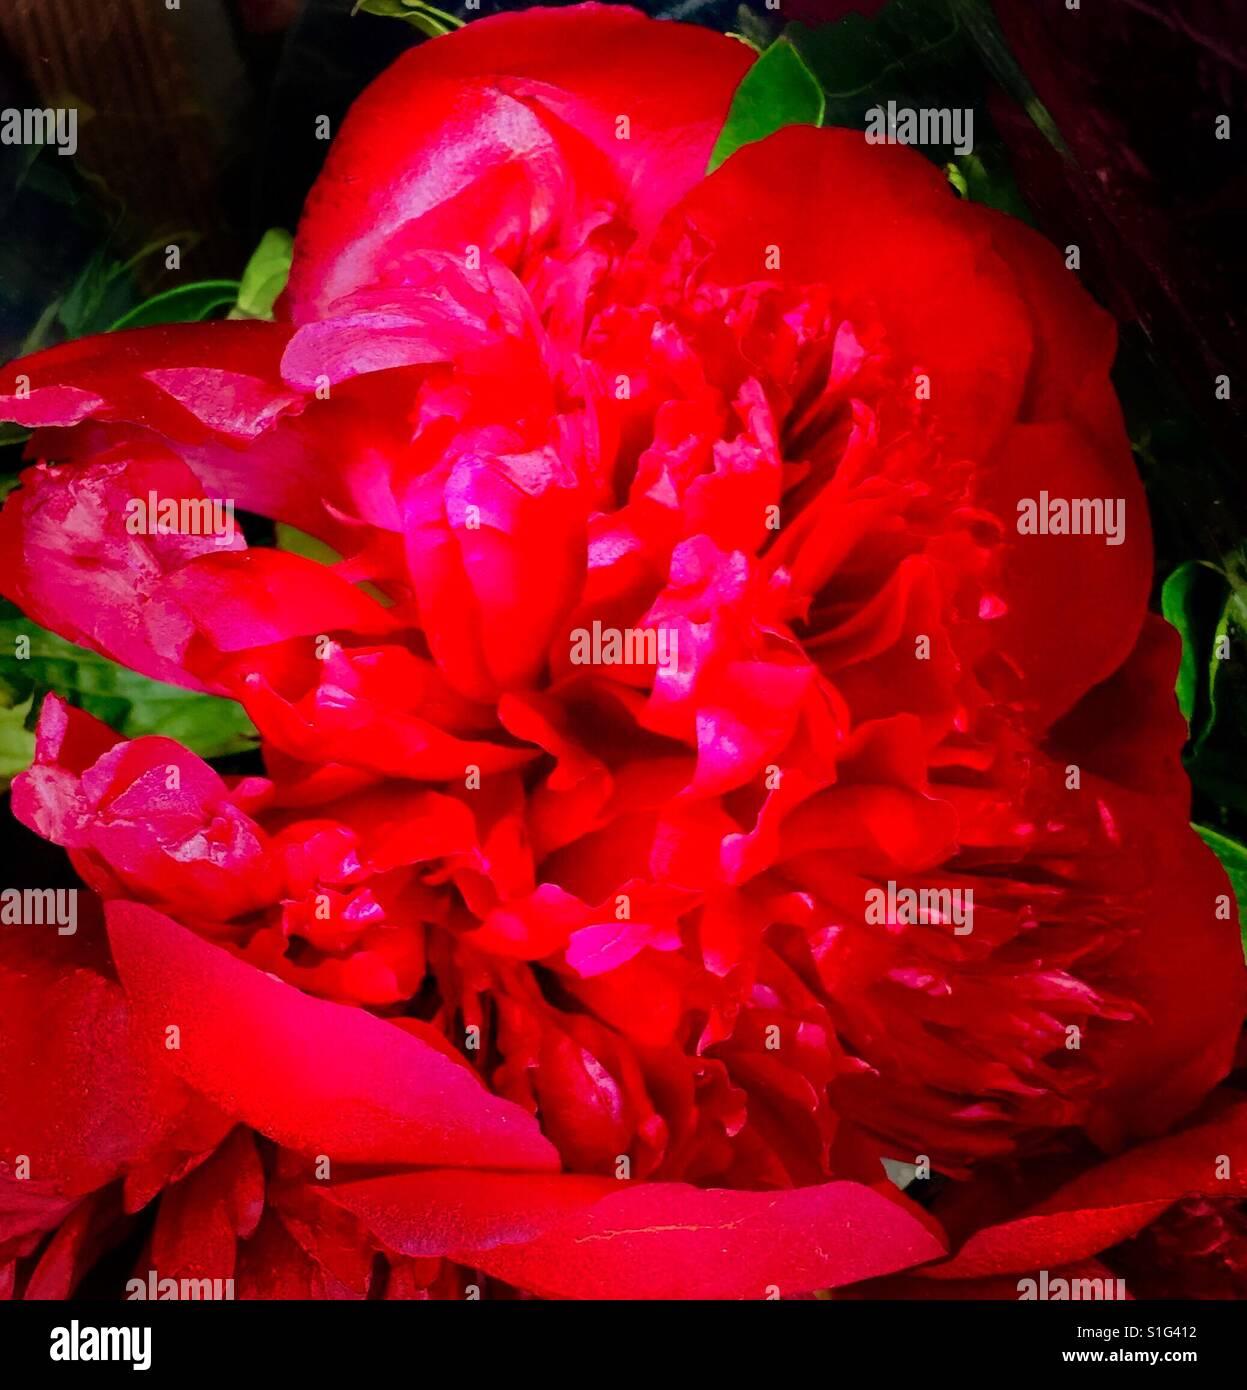 Radiant rosso rubino Peonia reminiscenza del periodo Vittoriano Immagini Stock